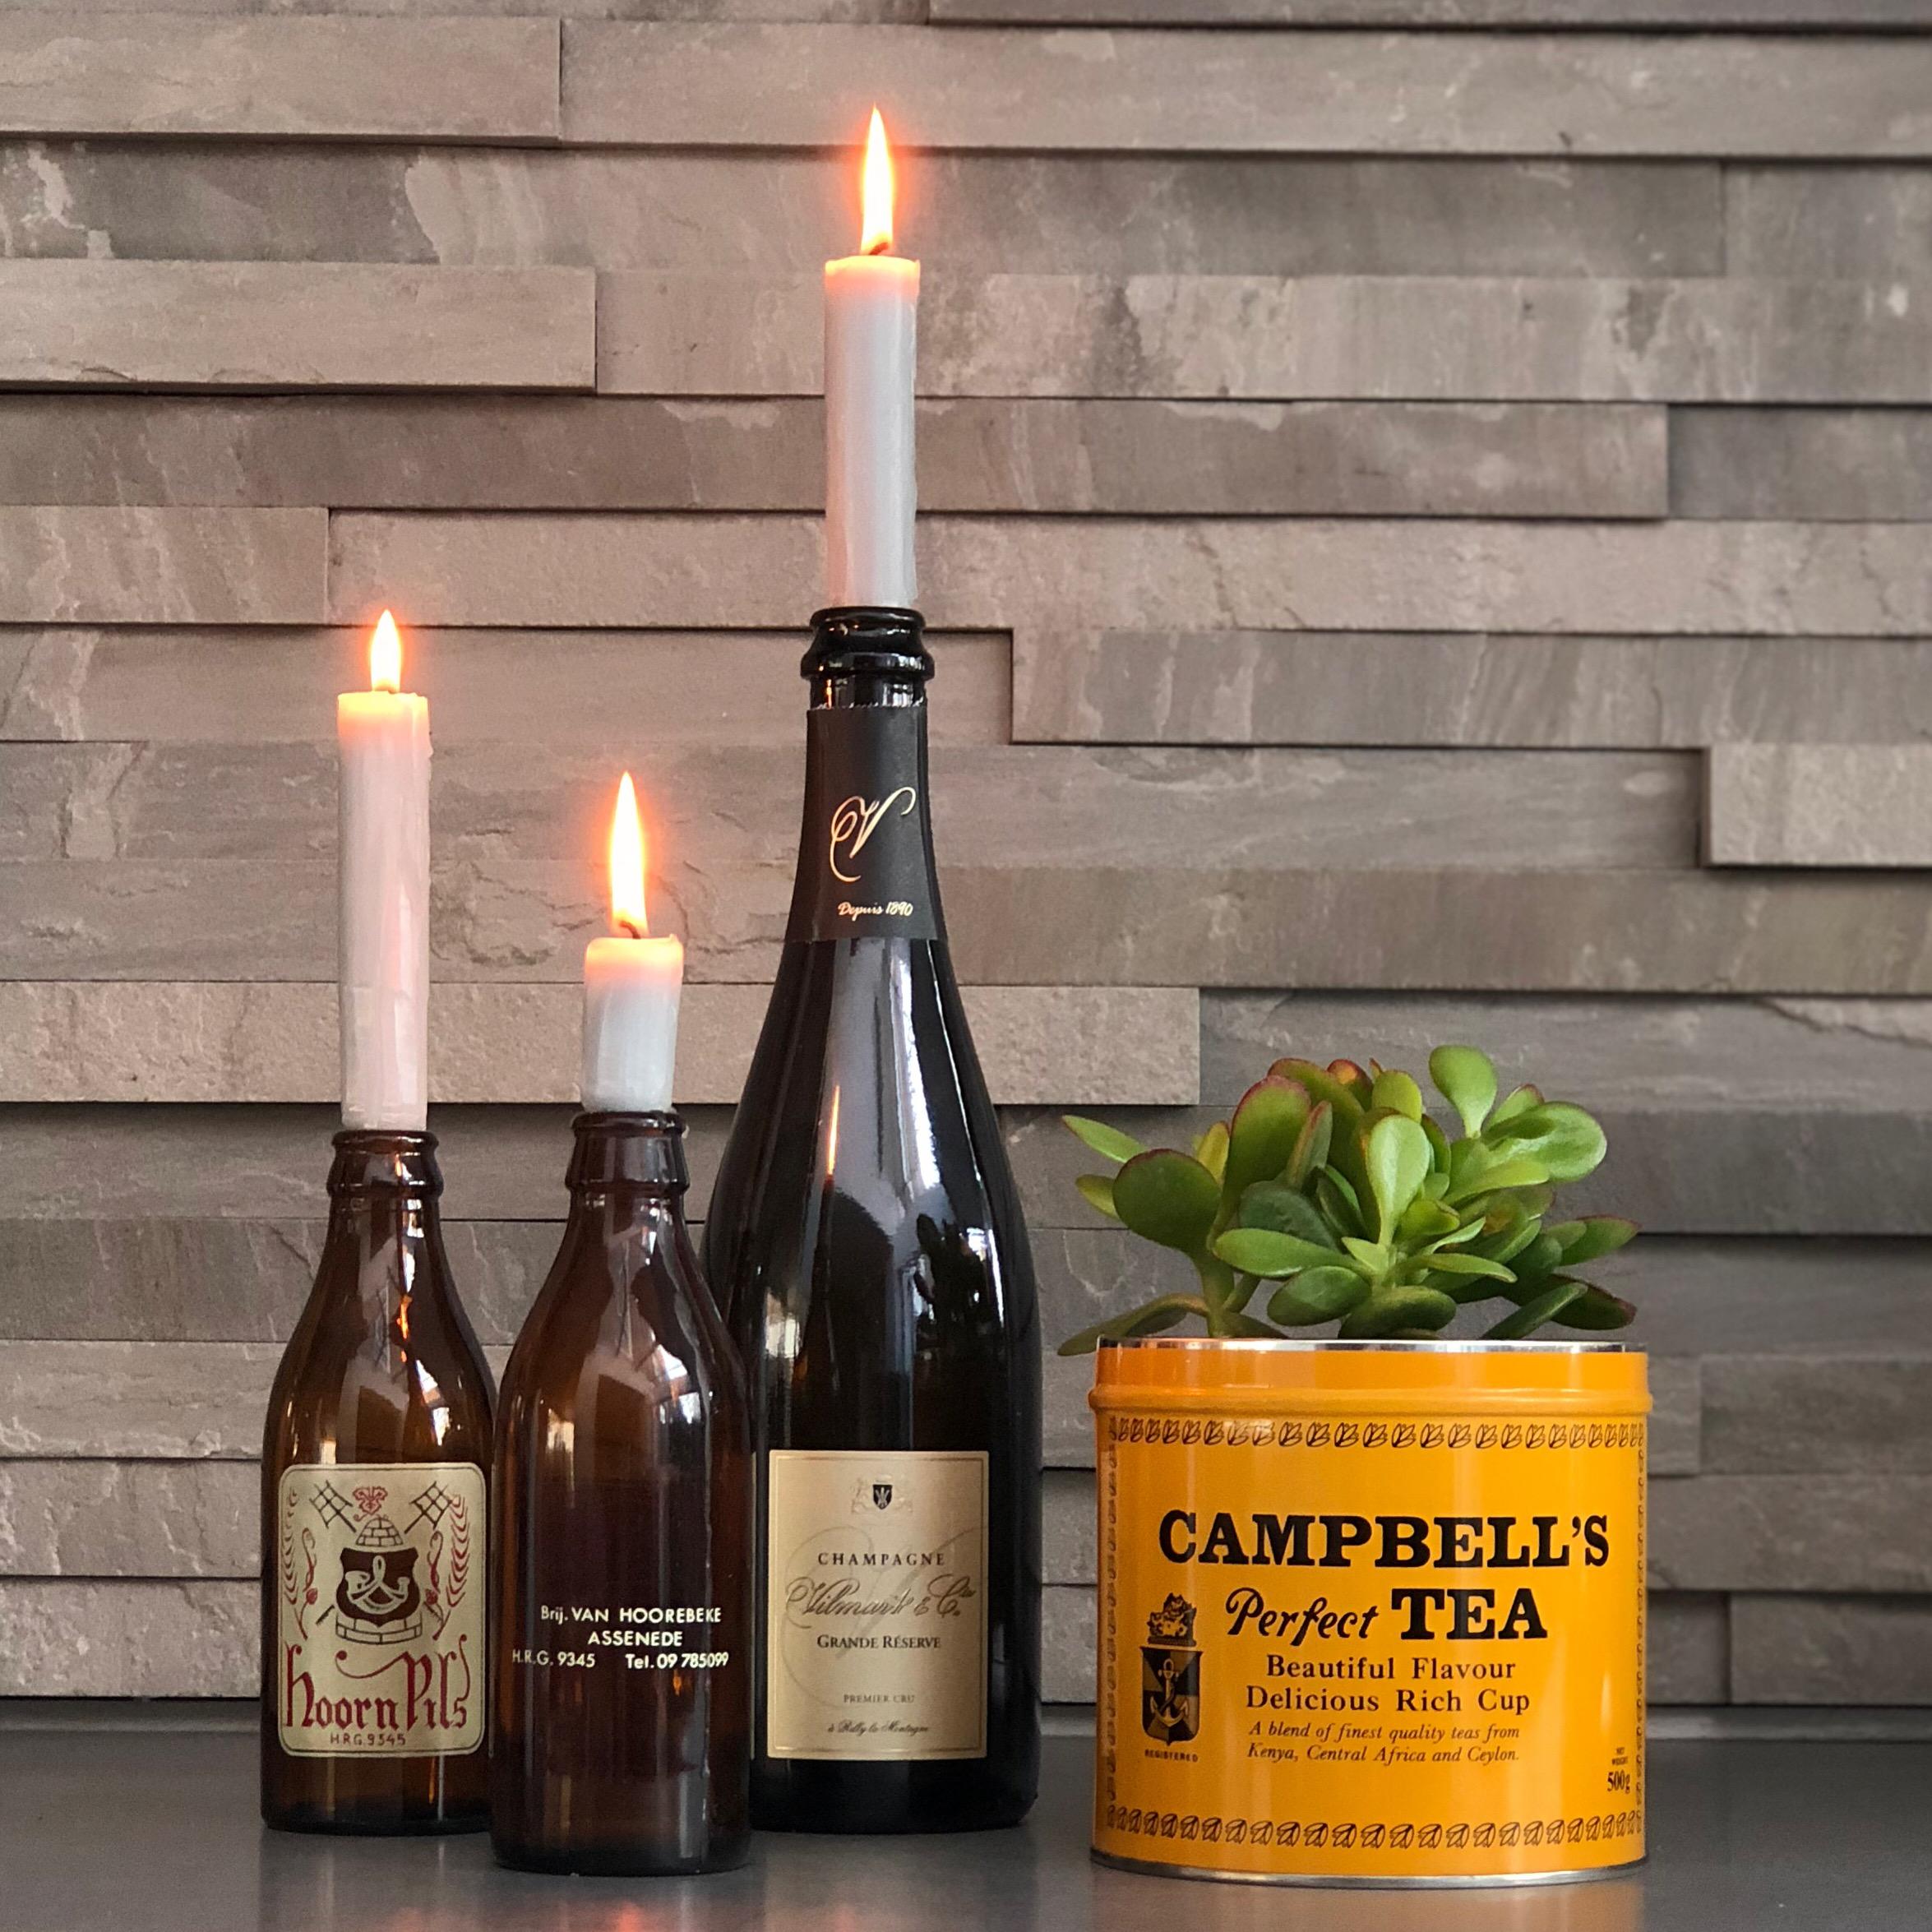 Candleinbottle.JPG